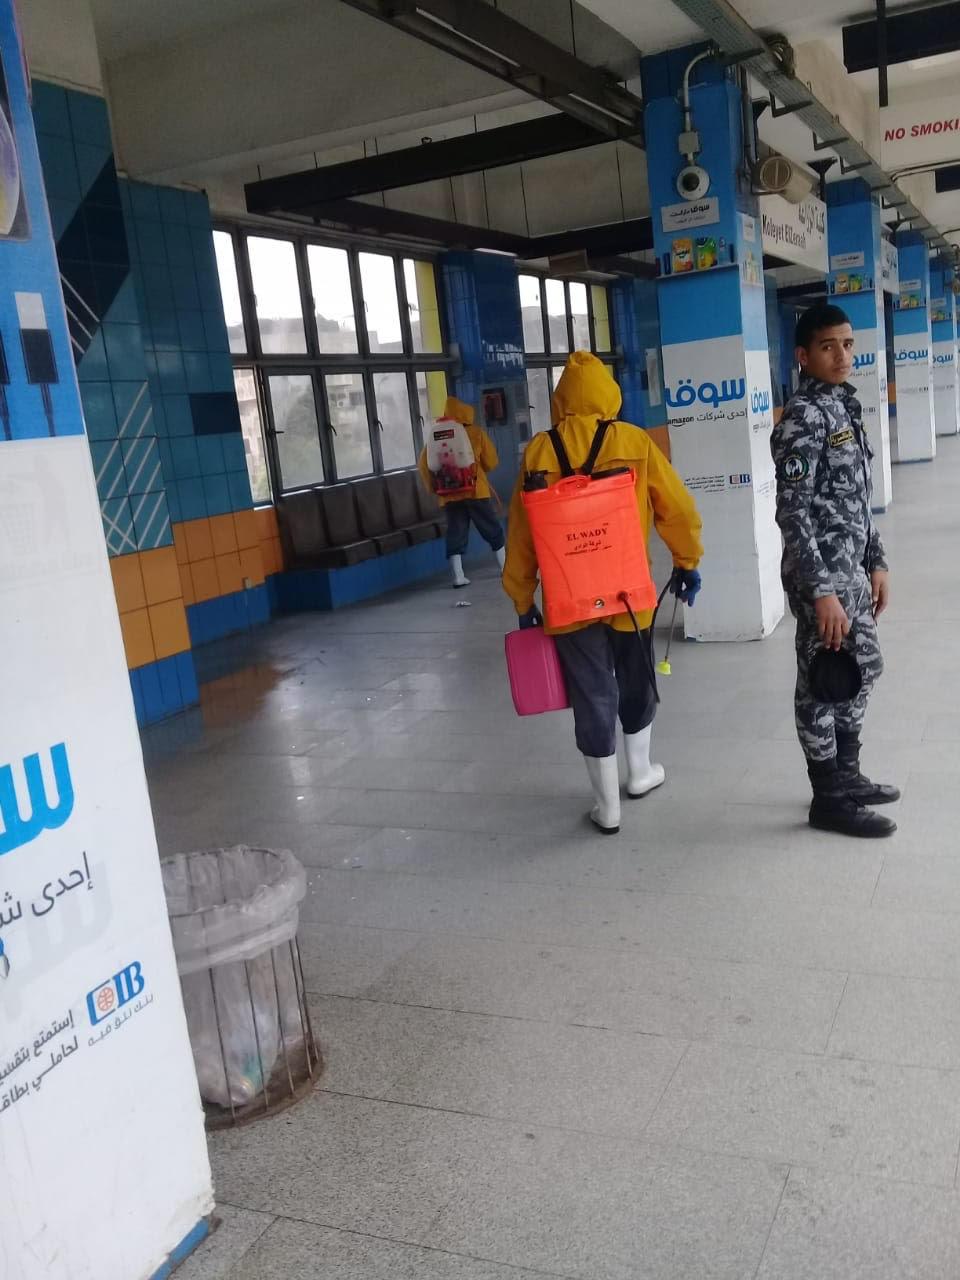 المترو يواصل أعمال تعقيم وتطهير القطارات والمحطات ضد كورونا (1)